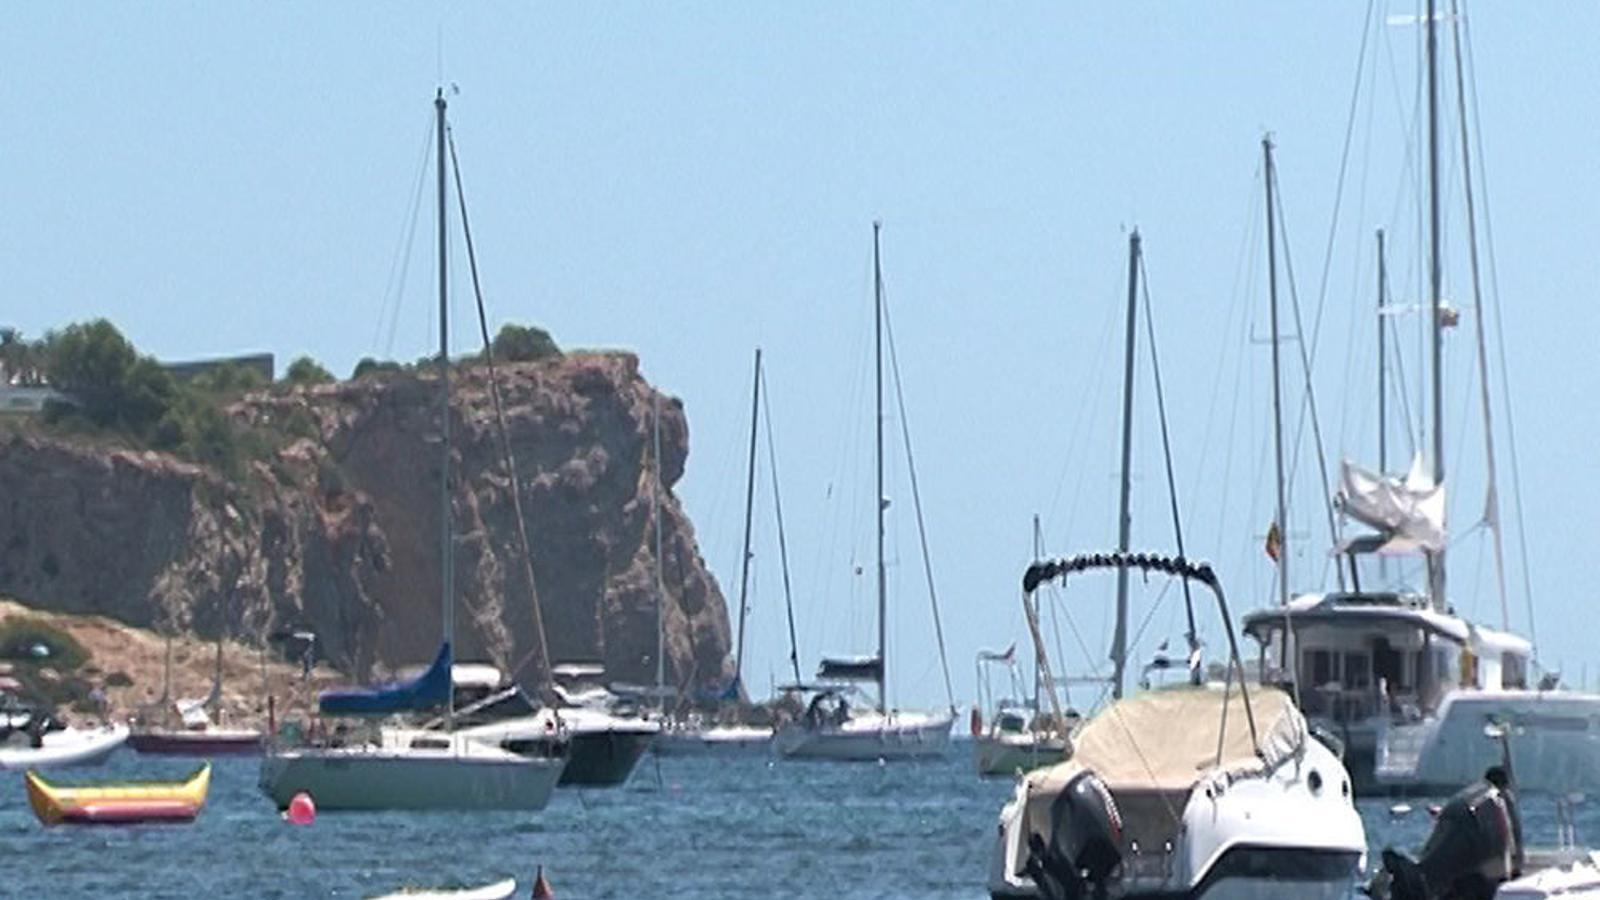 Alguns vaixells sobre la costa de Talamanca. / ARMANDO TUR